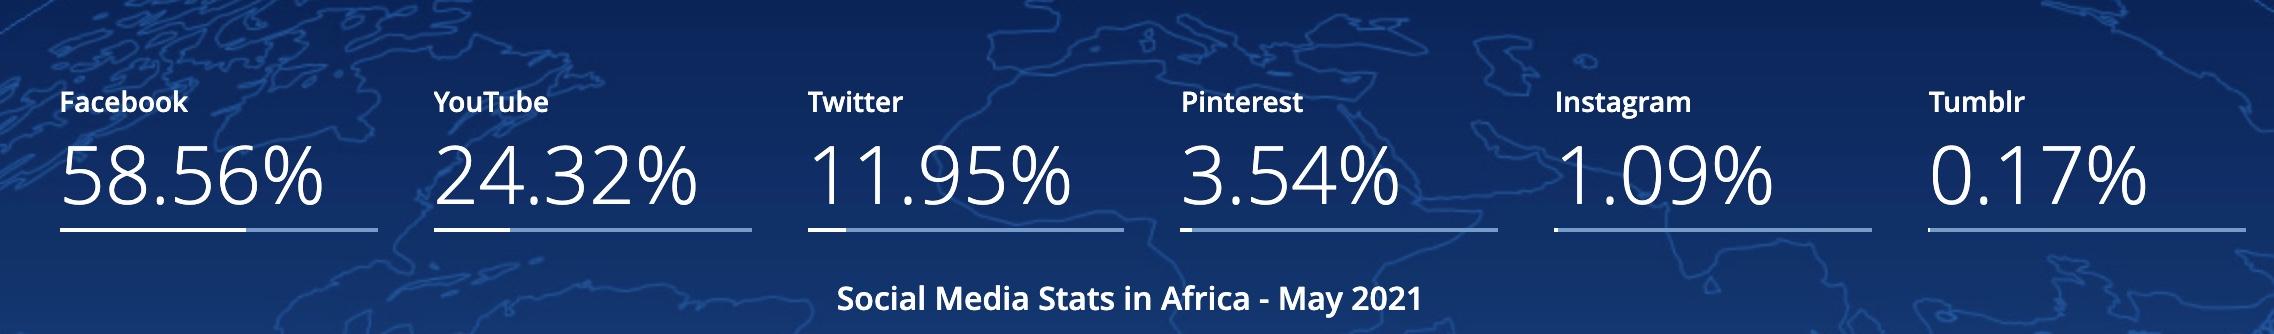 Facebook market share Afriica